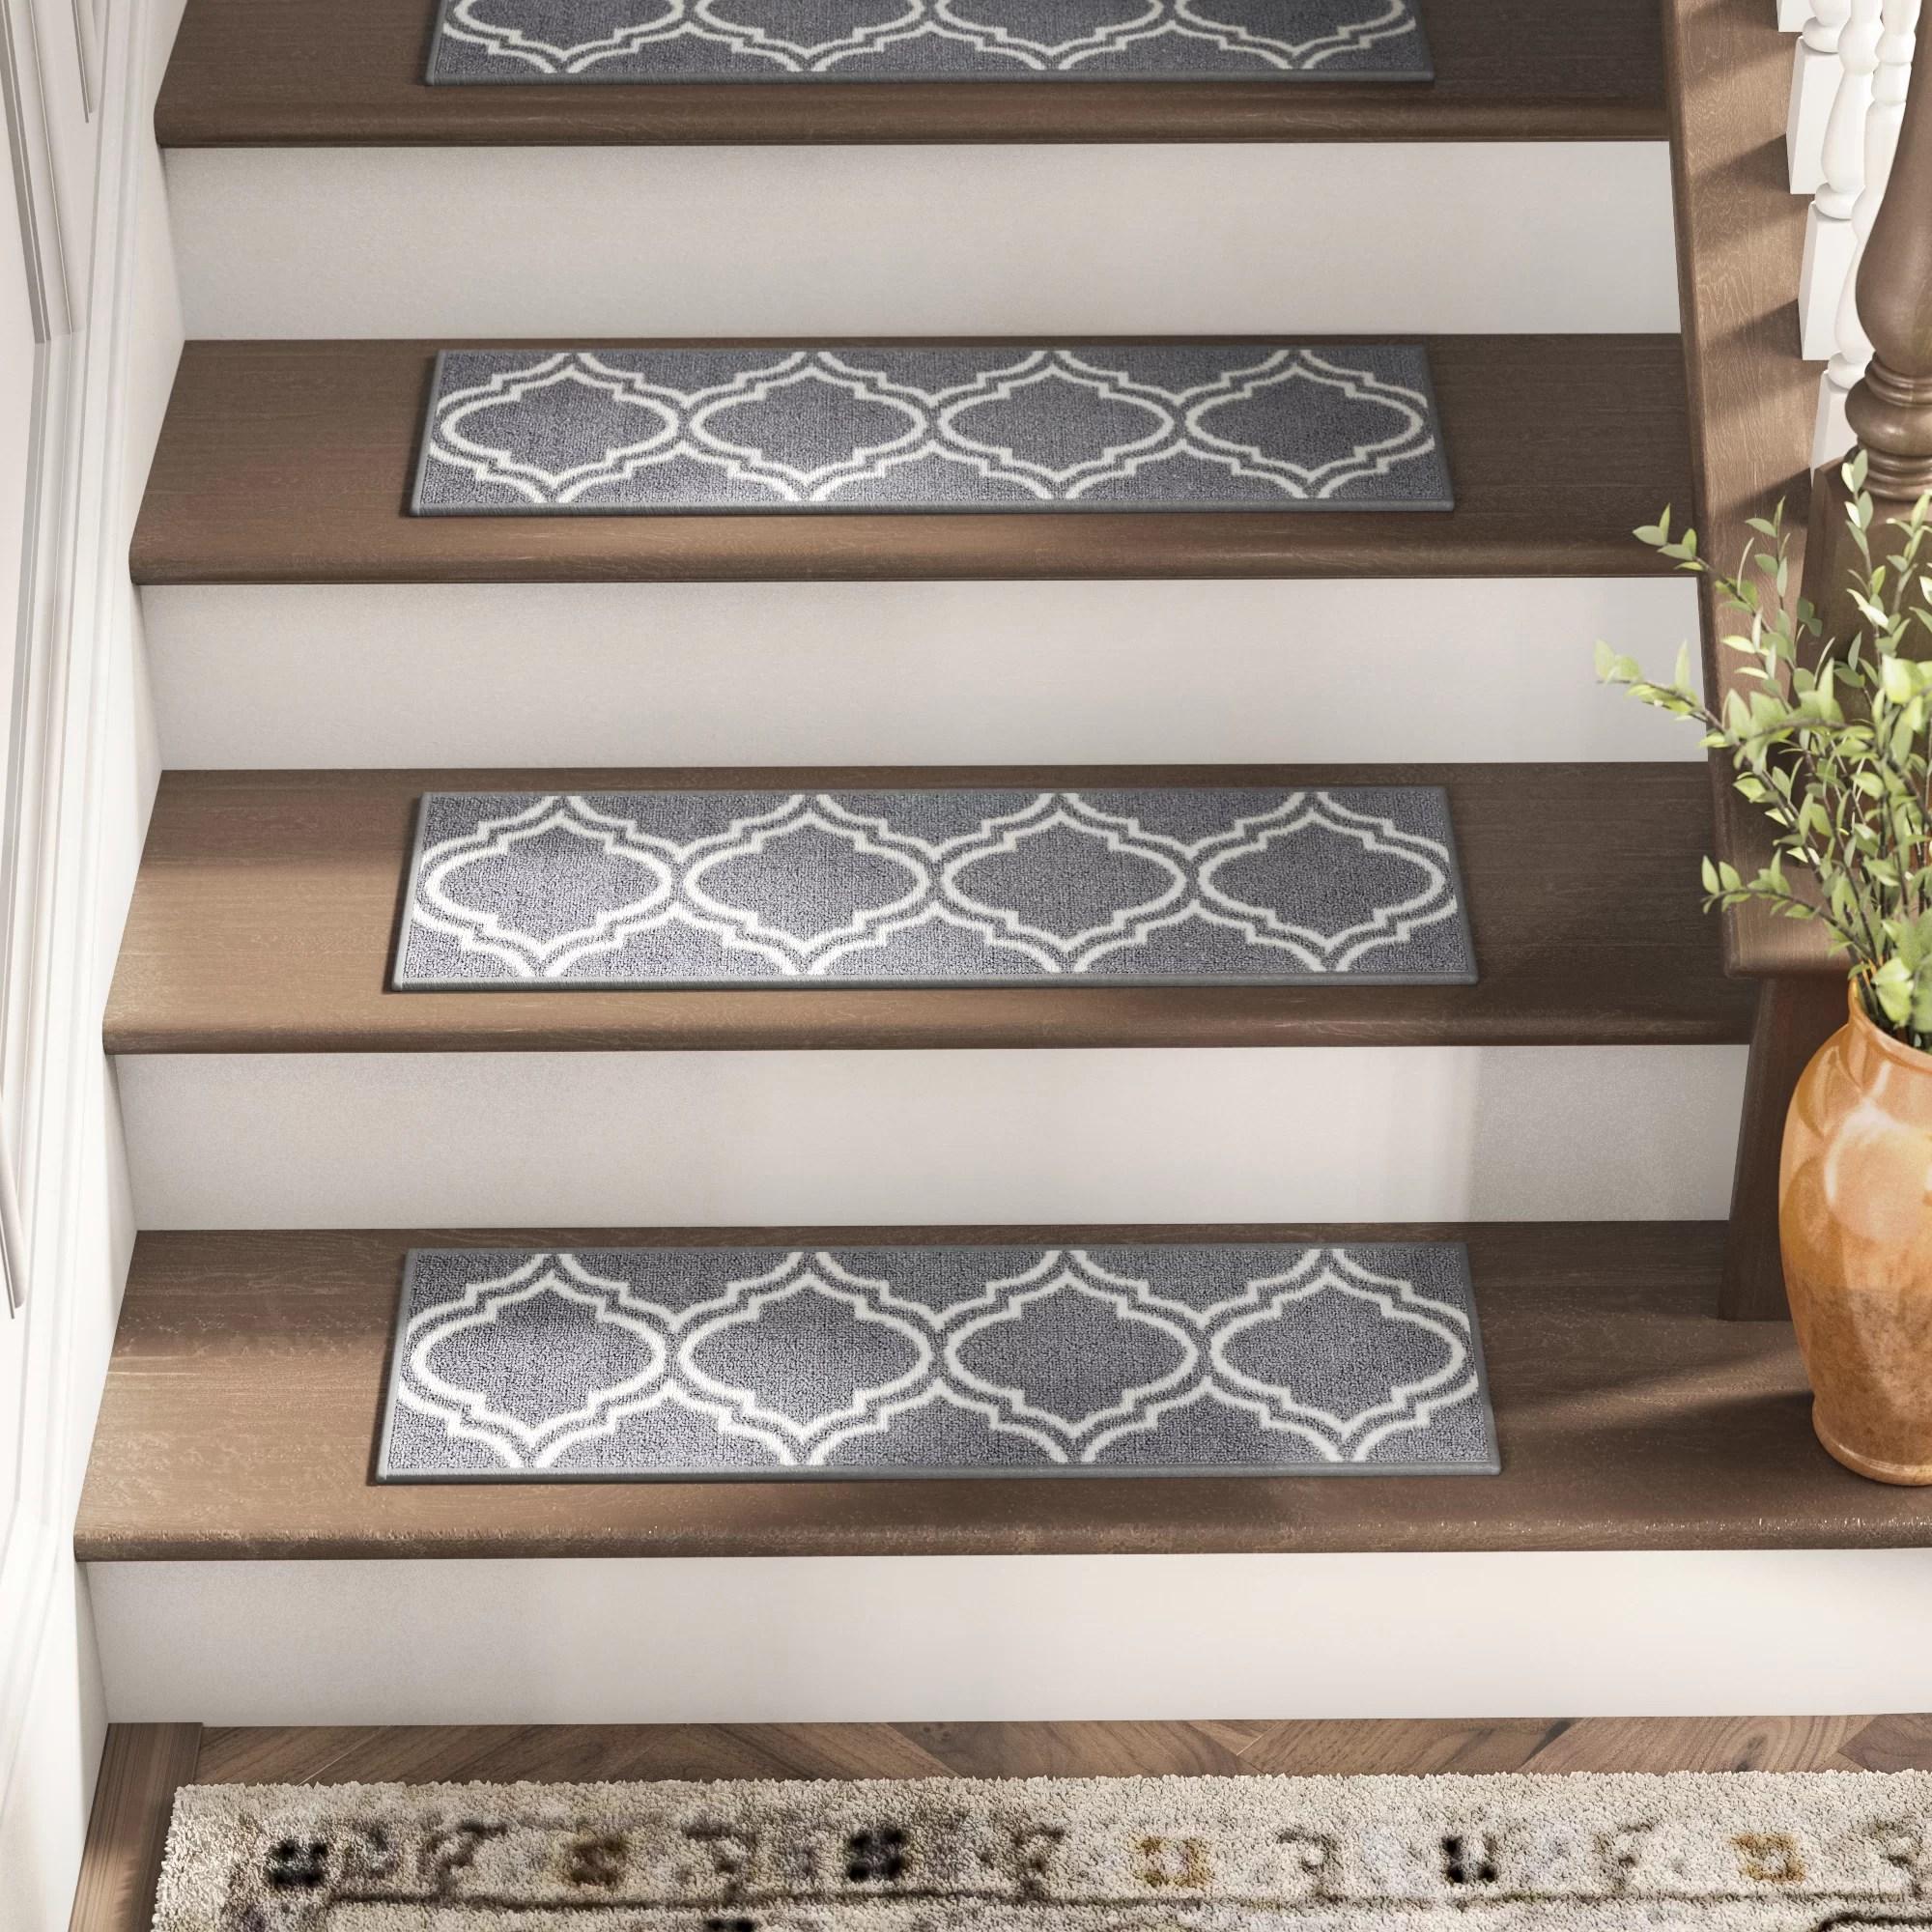 Stair Tread Rugs You Ll Love In 2020 Wayfair | Rustic Carpet Stair Treads | Sisal Carpet | Titanium Heather | Naturalarearugs Rustic | Carpet Runners | Farrel Moroccan